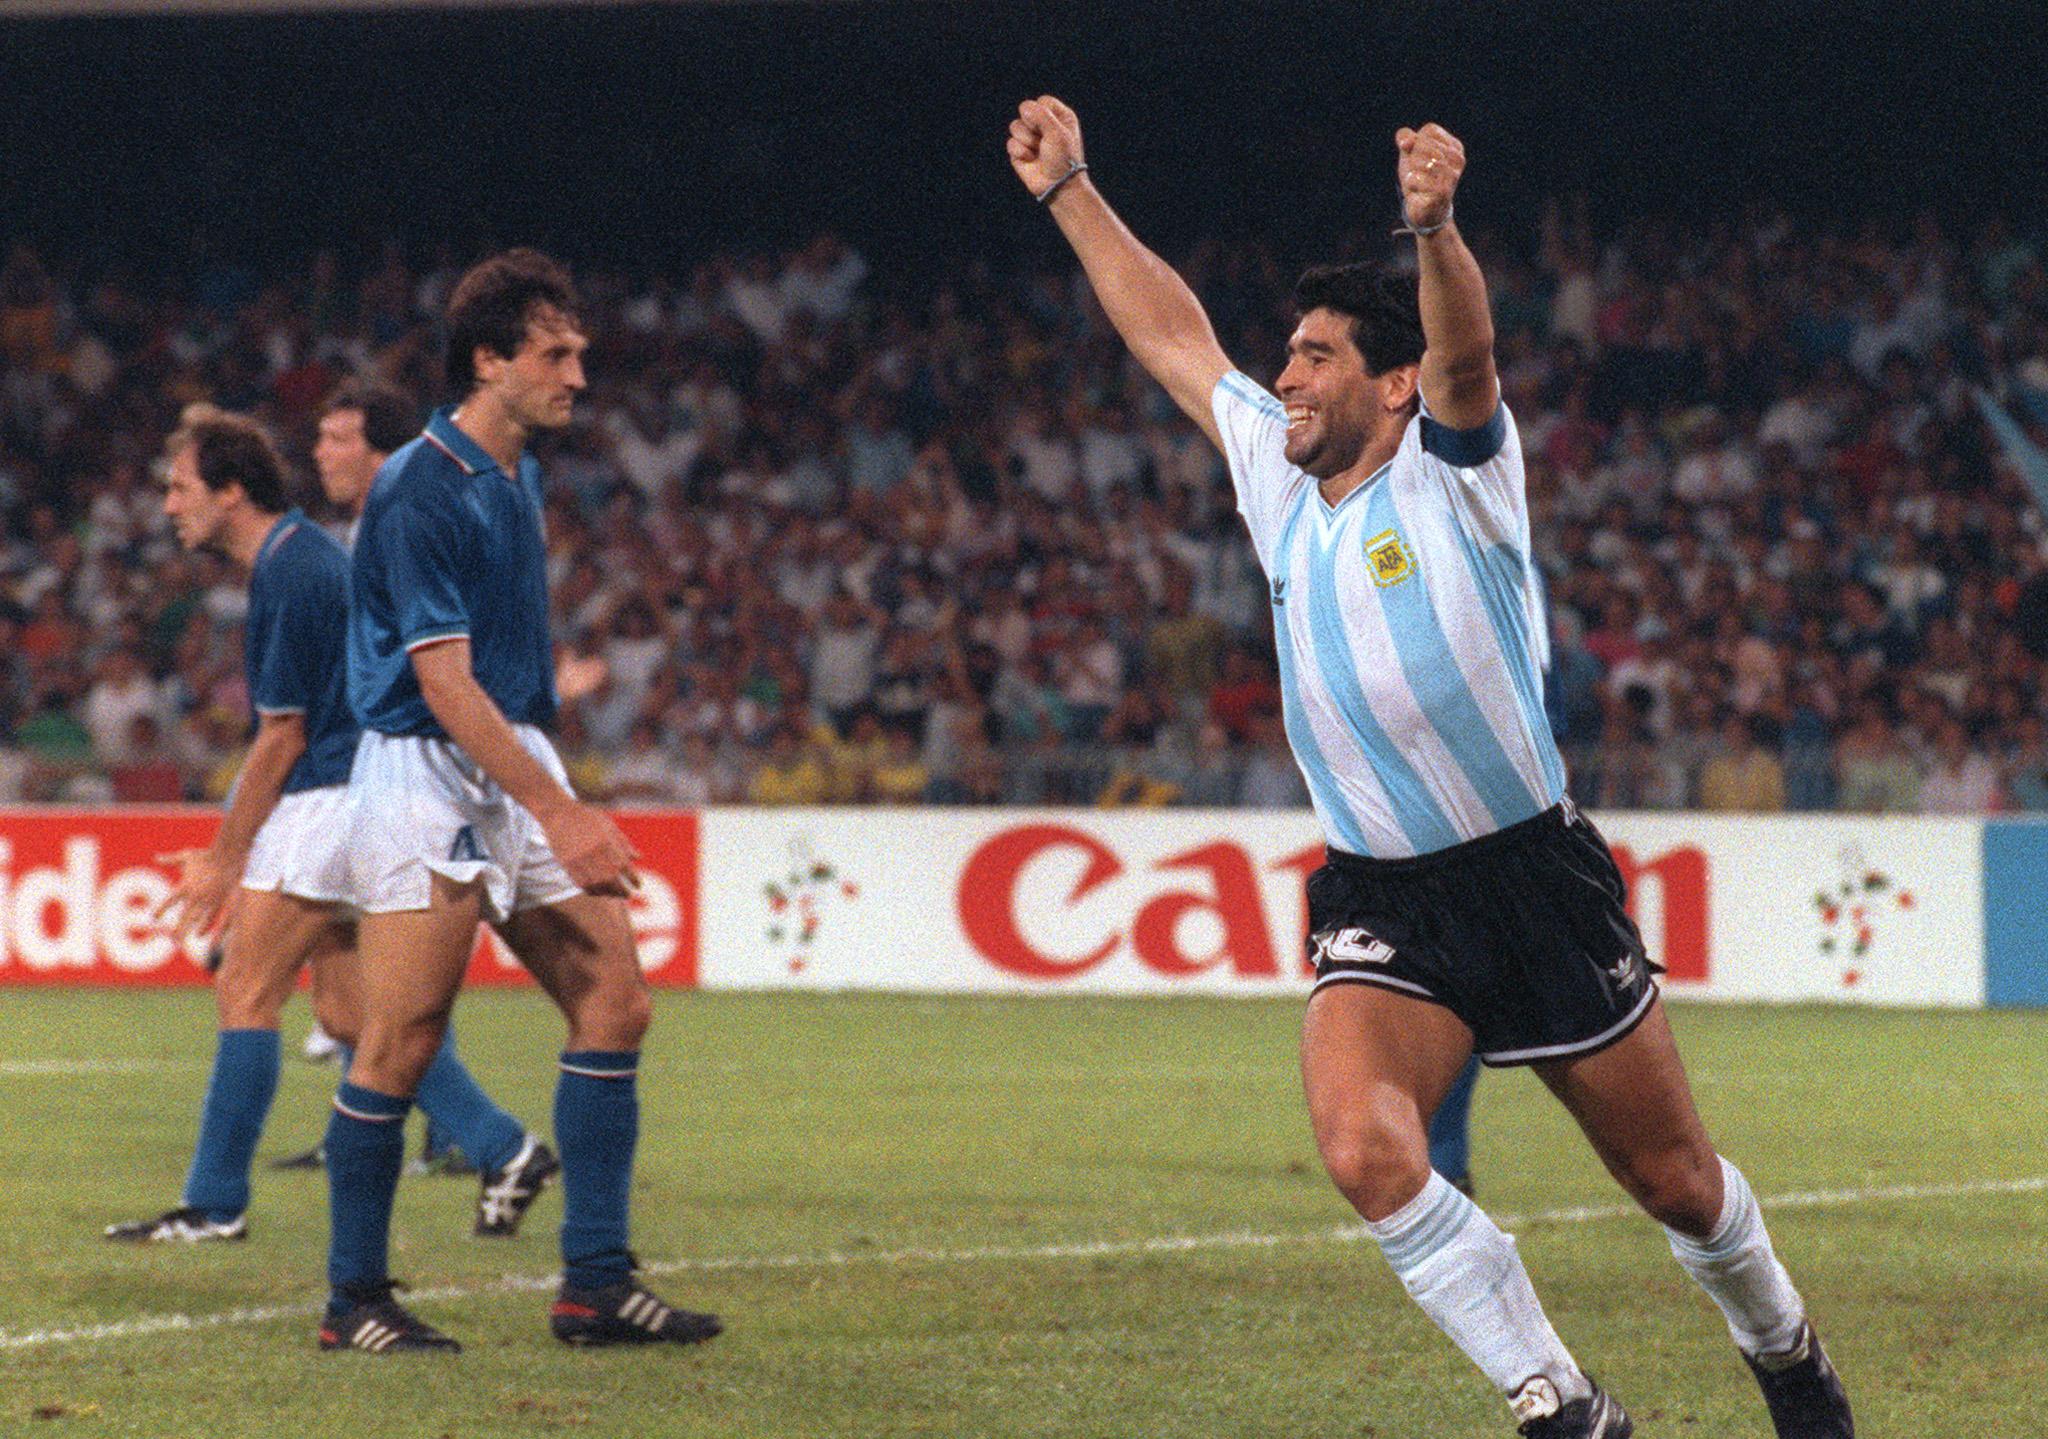 Cuando Maradona logró que italianos apoyaran a Argentina en desmedro de su  patria en un mundial   Fútbol   BioBioChile